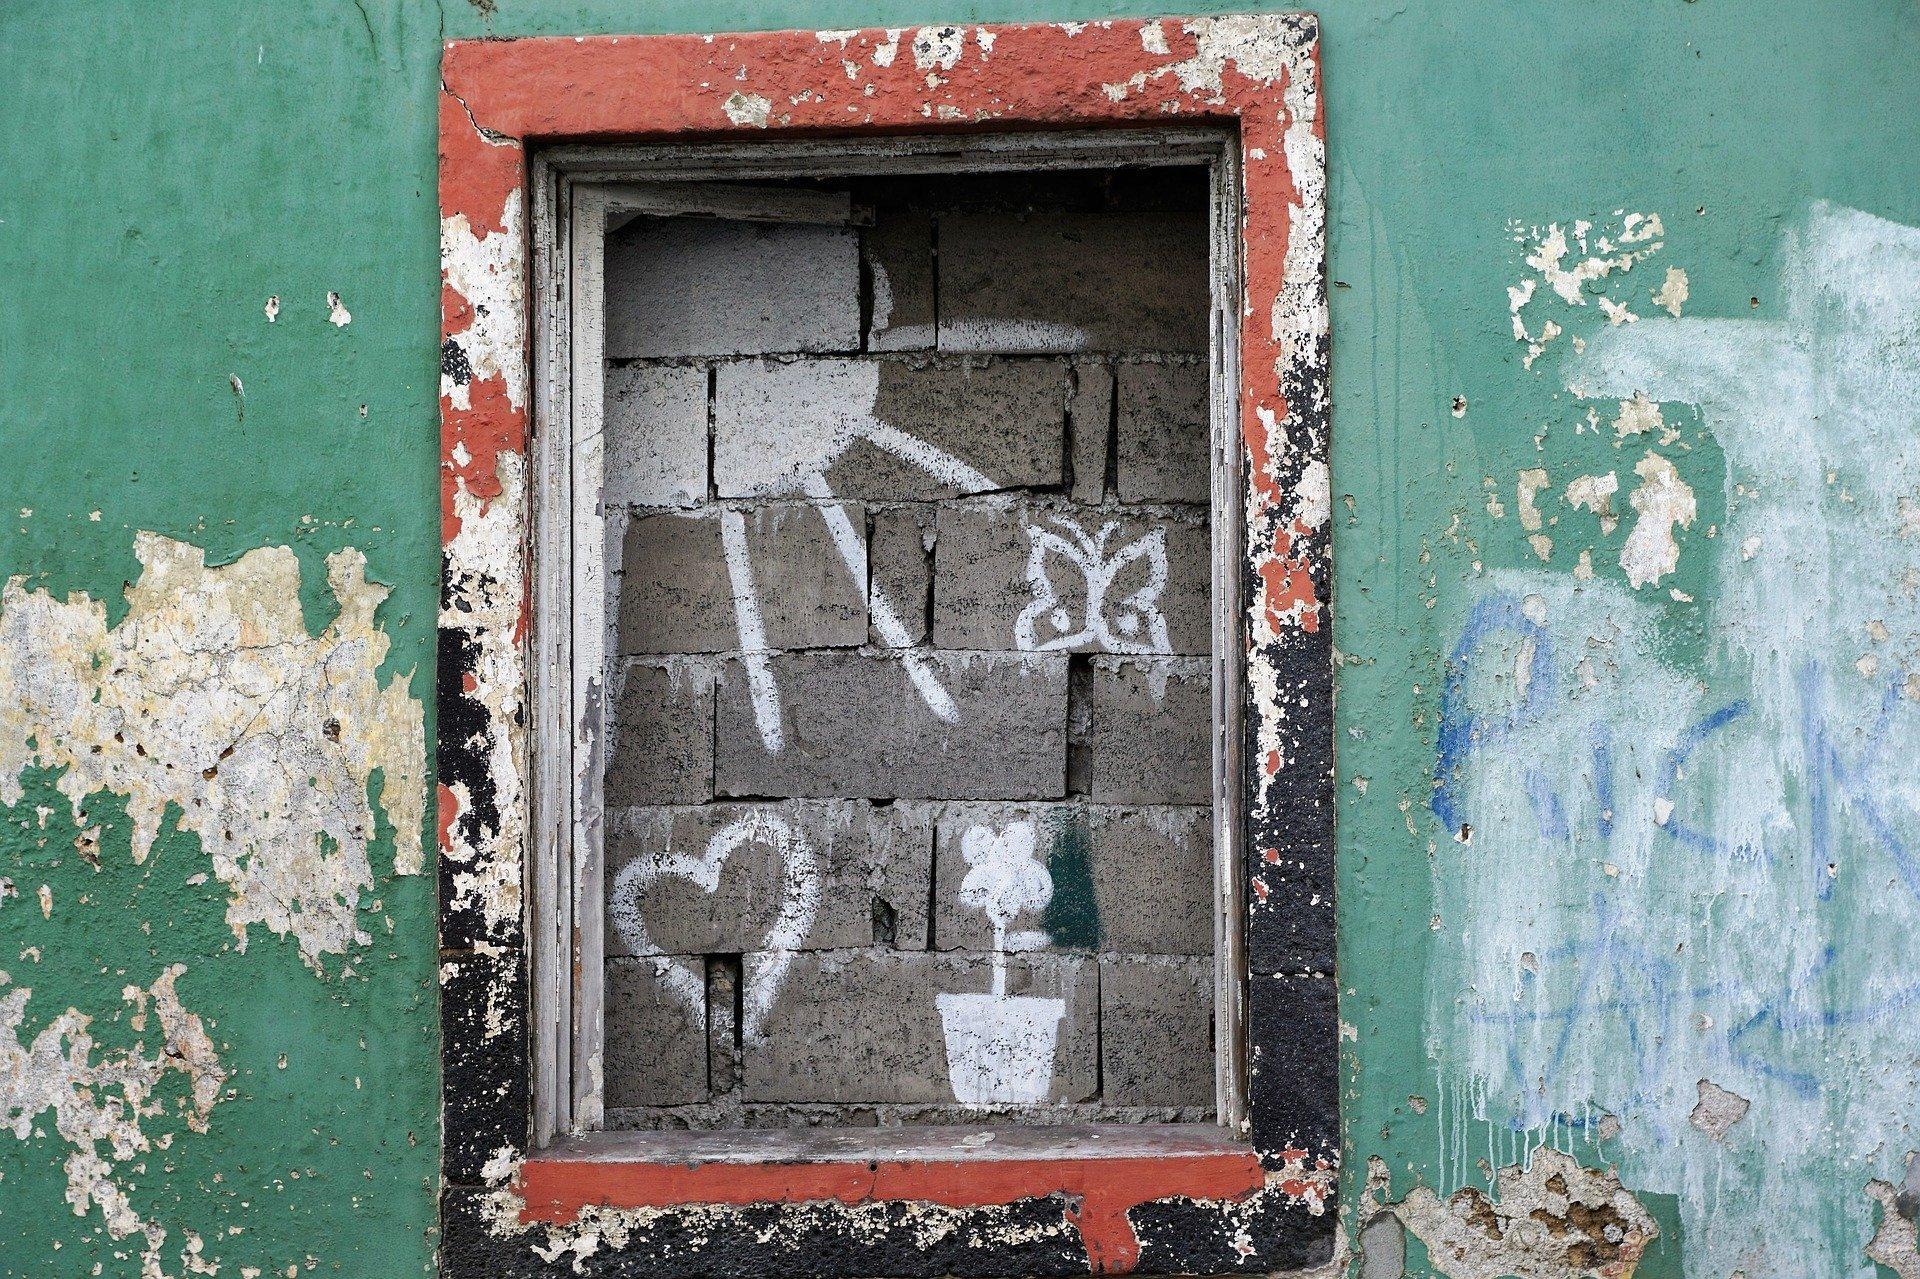 vecchia finestra marrone su parete verde rovinate, finestra cementata con sopra disegnato un cuore, farfalla, fiore e sole